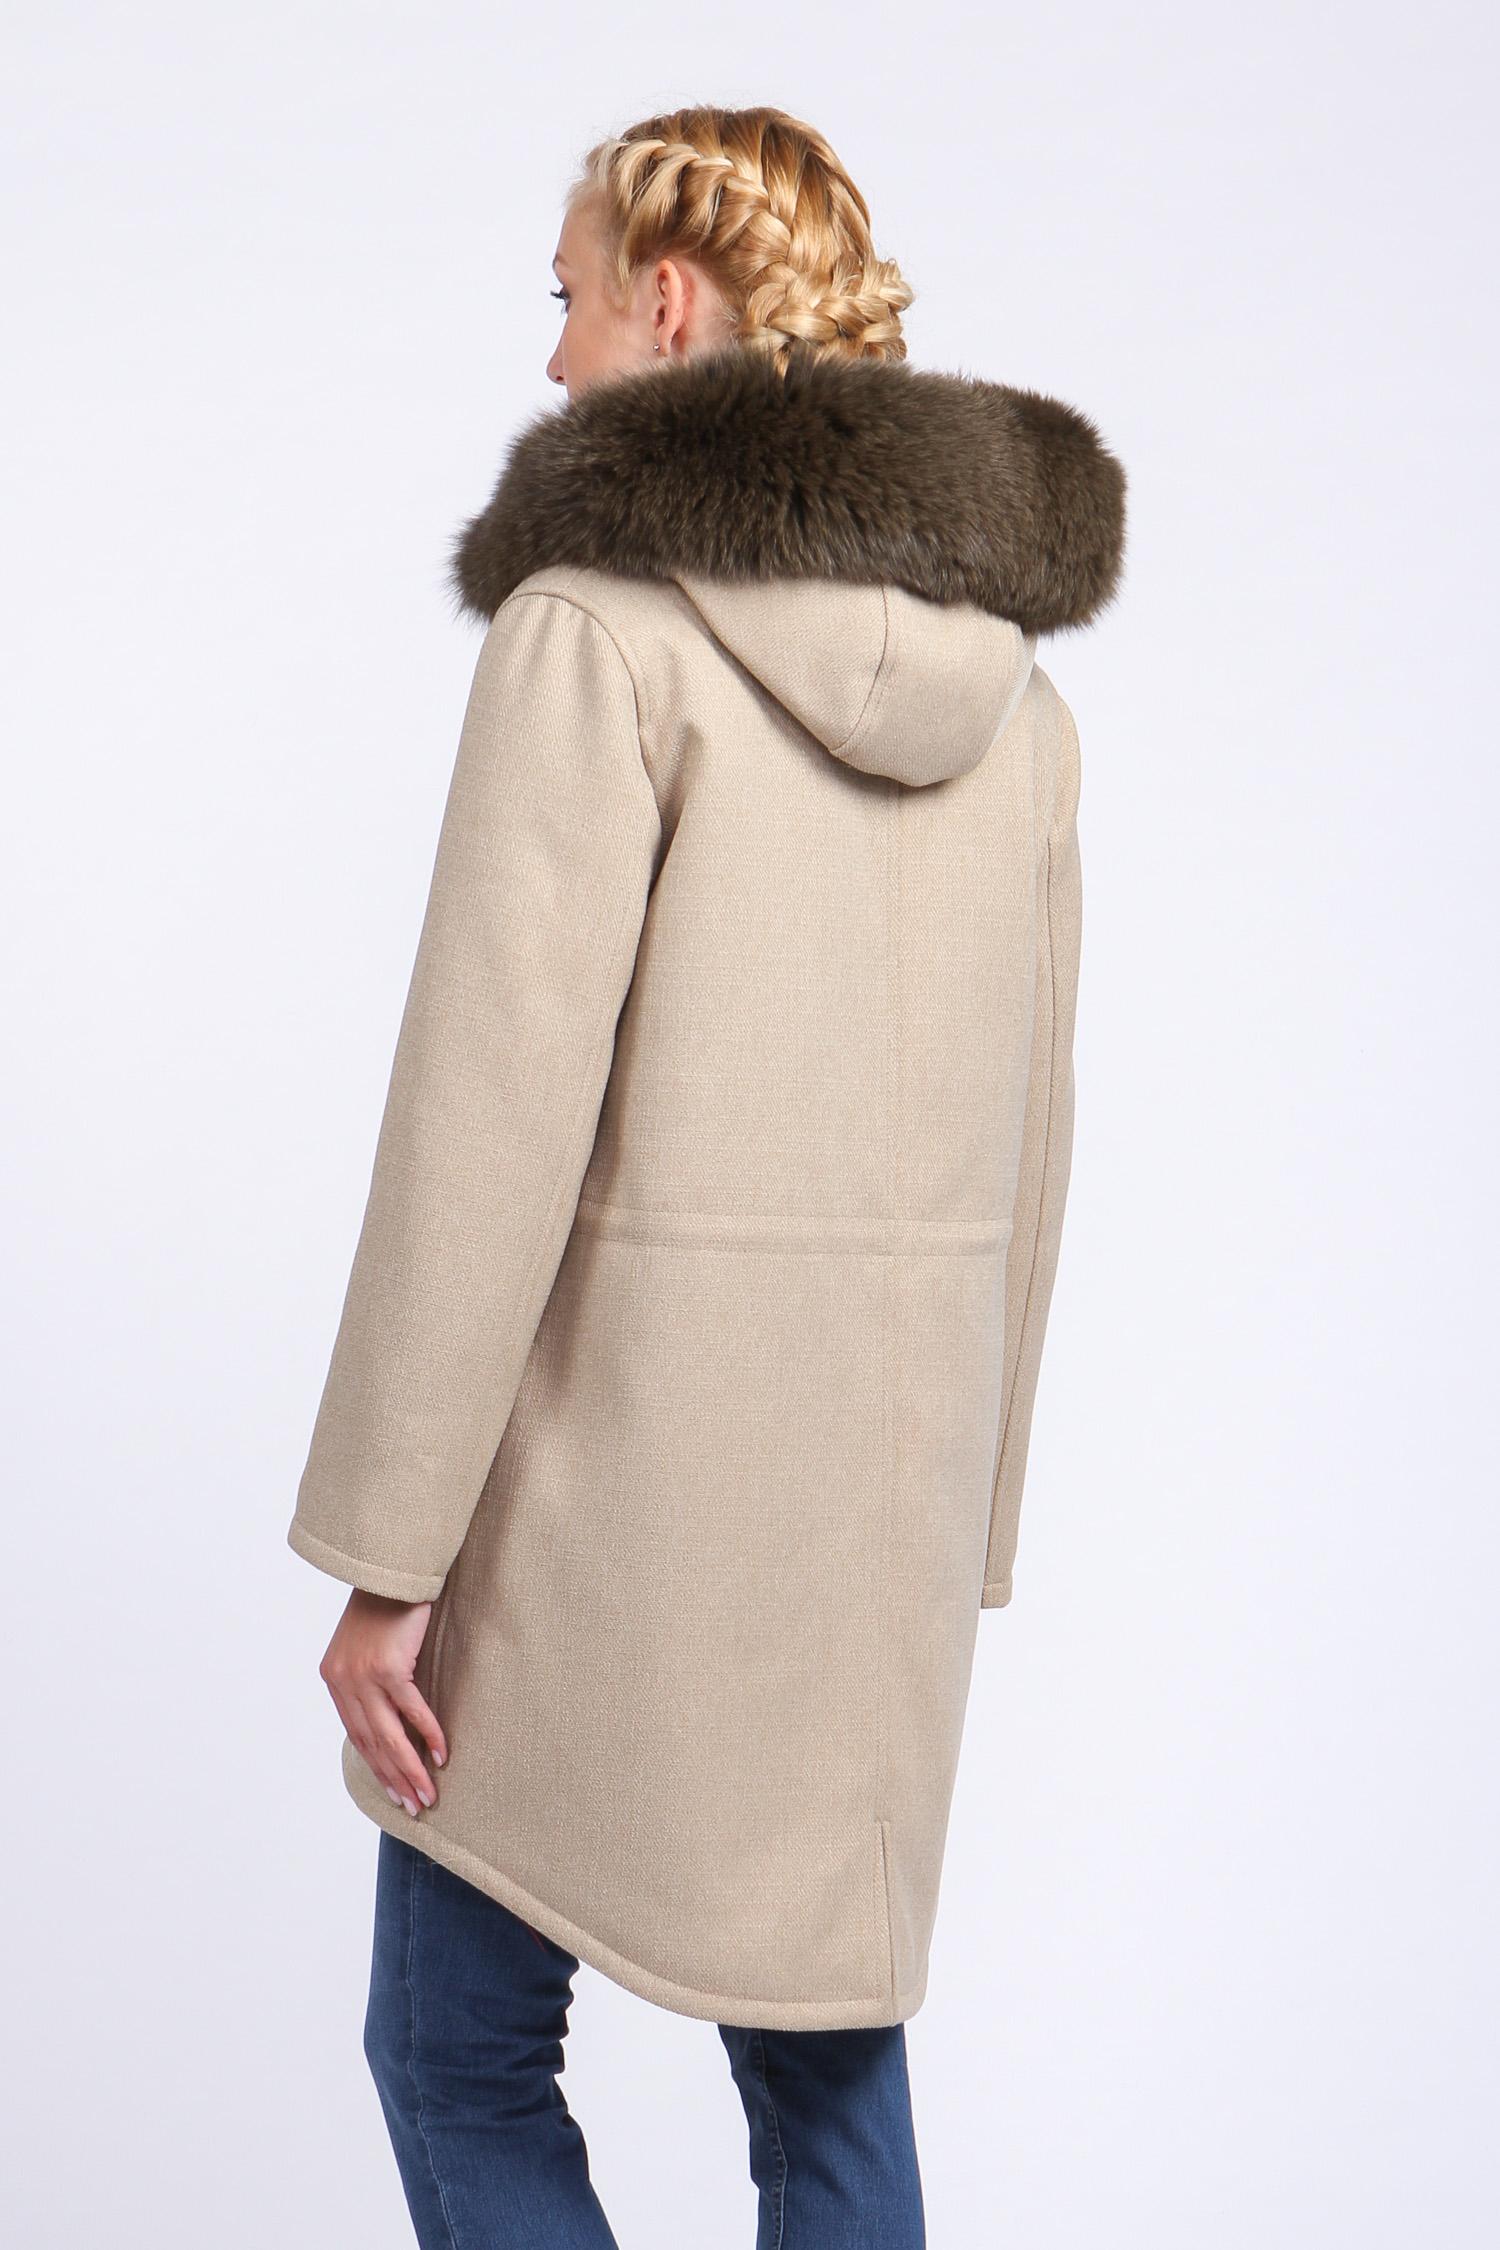 Парка женская с капюшоном, отделка песец от Московская Меховая Компания